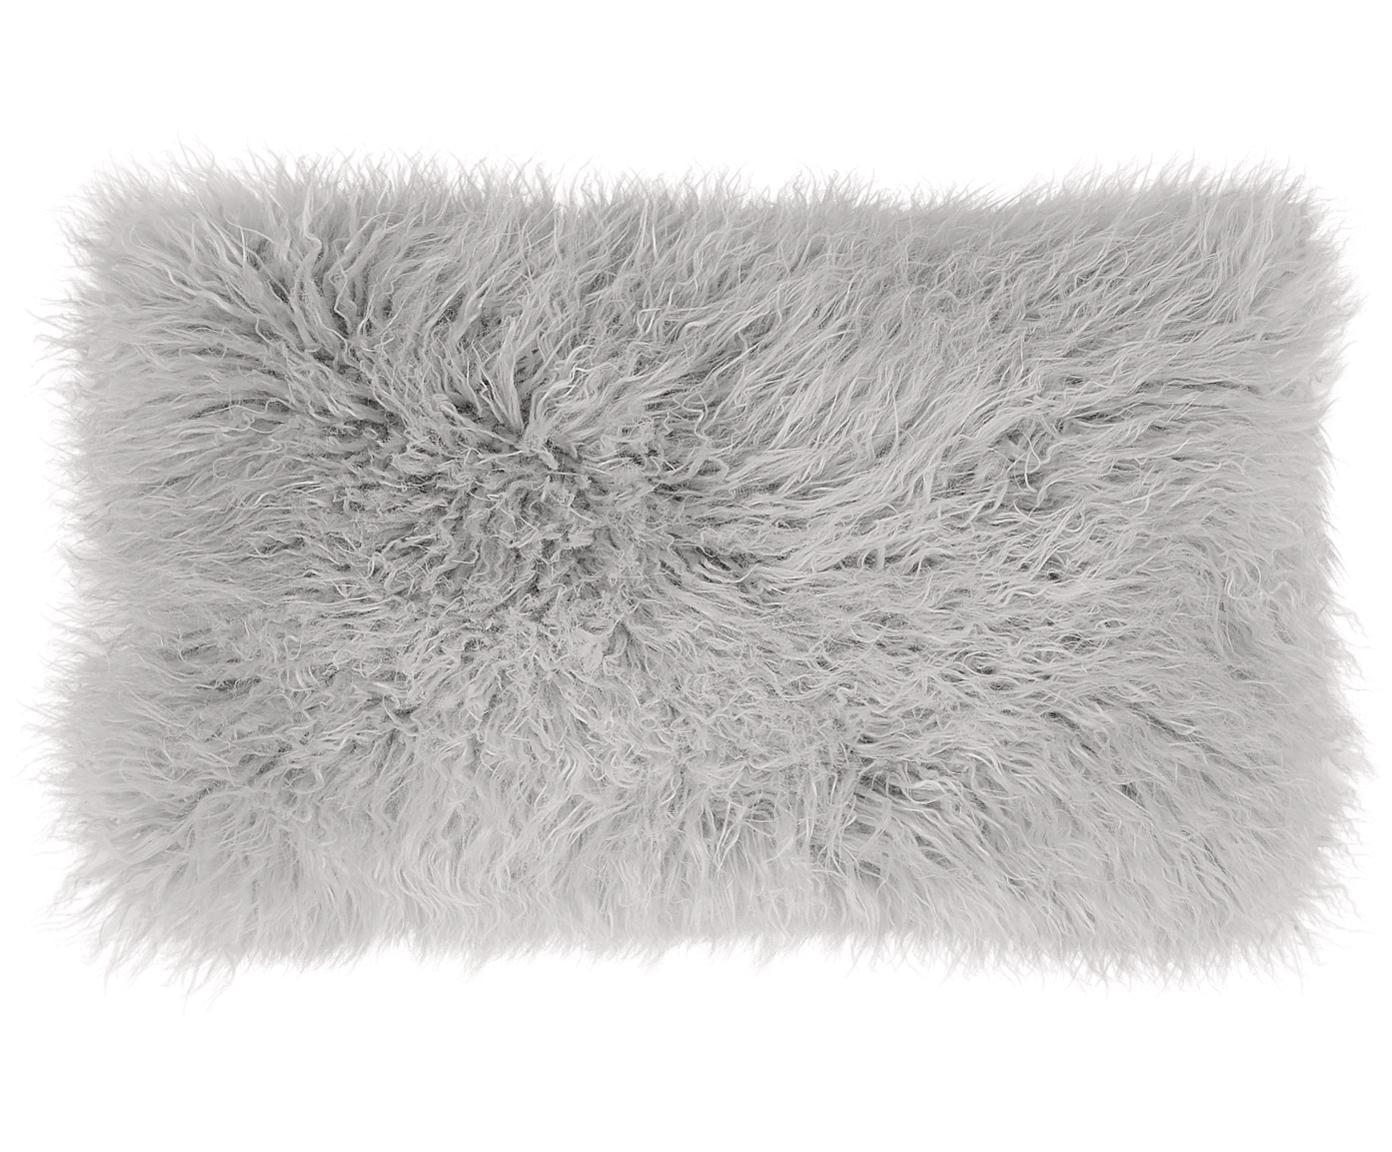 Flauschige Kunstfell-Kissenhülle Morten, gelockt, Vorderseite: 67% Akryl, 33% Polyester, Rückseite: 100% Polyester, Hellgrau, 30 x 50 cm